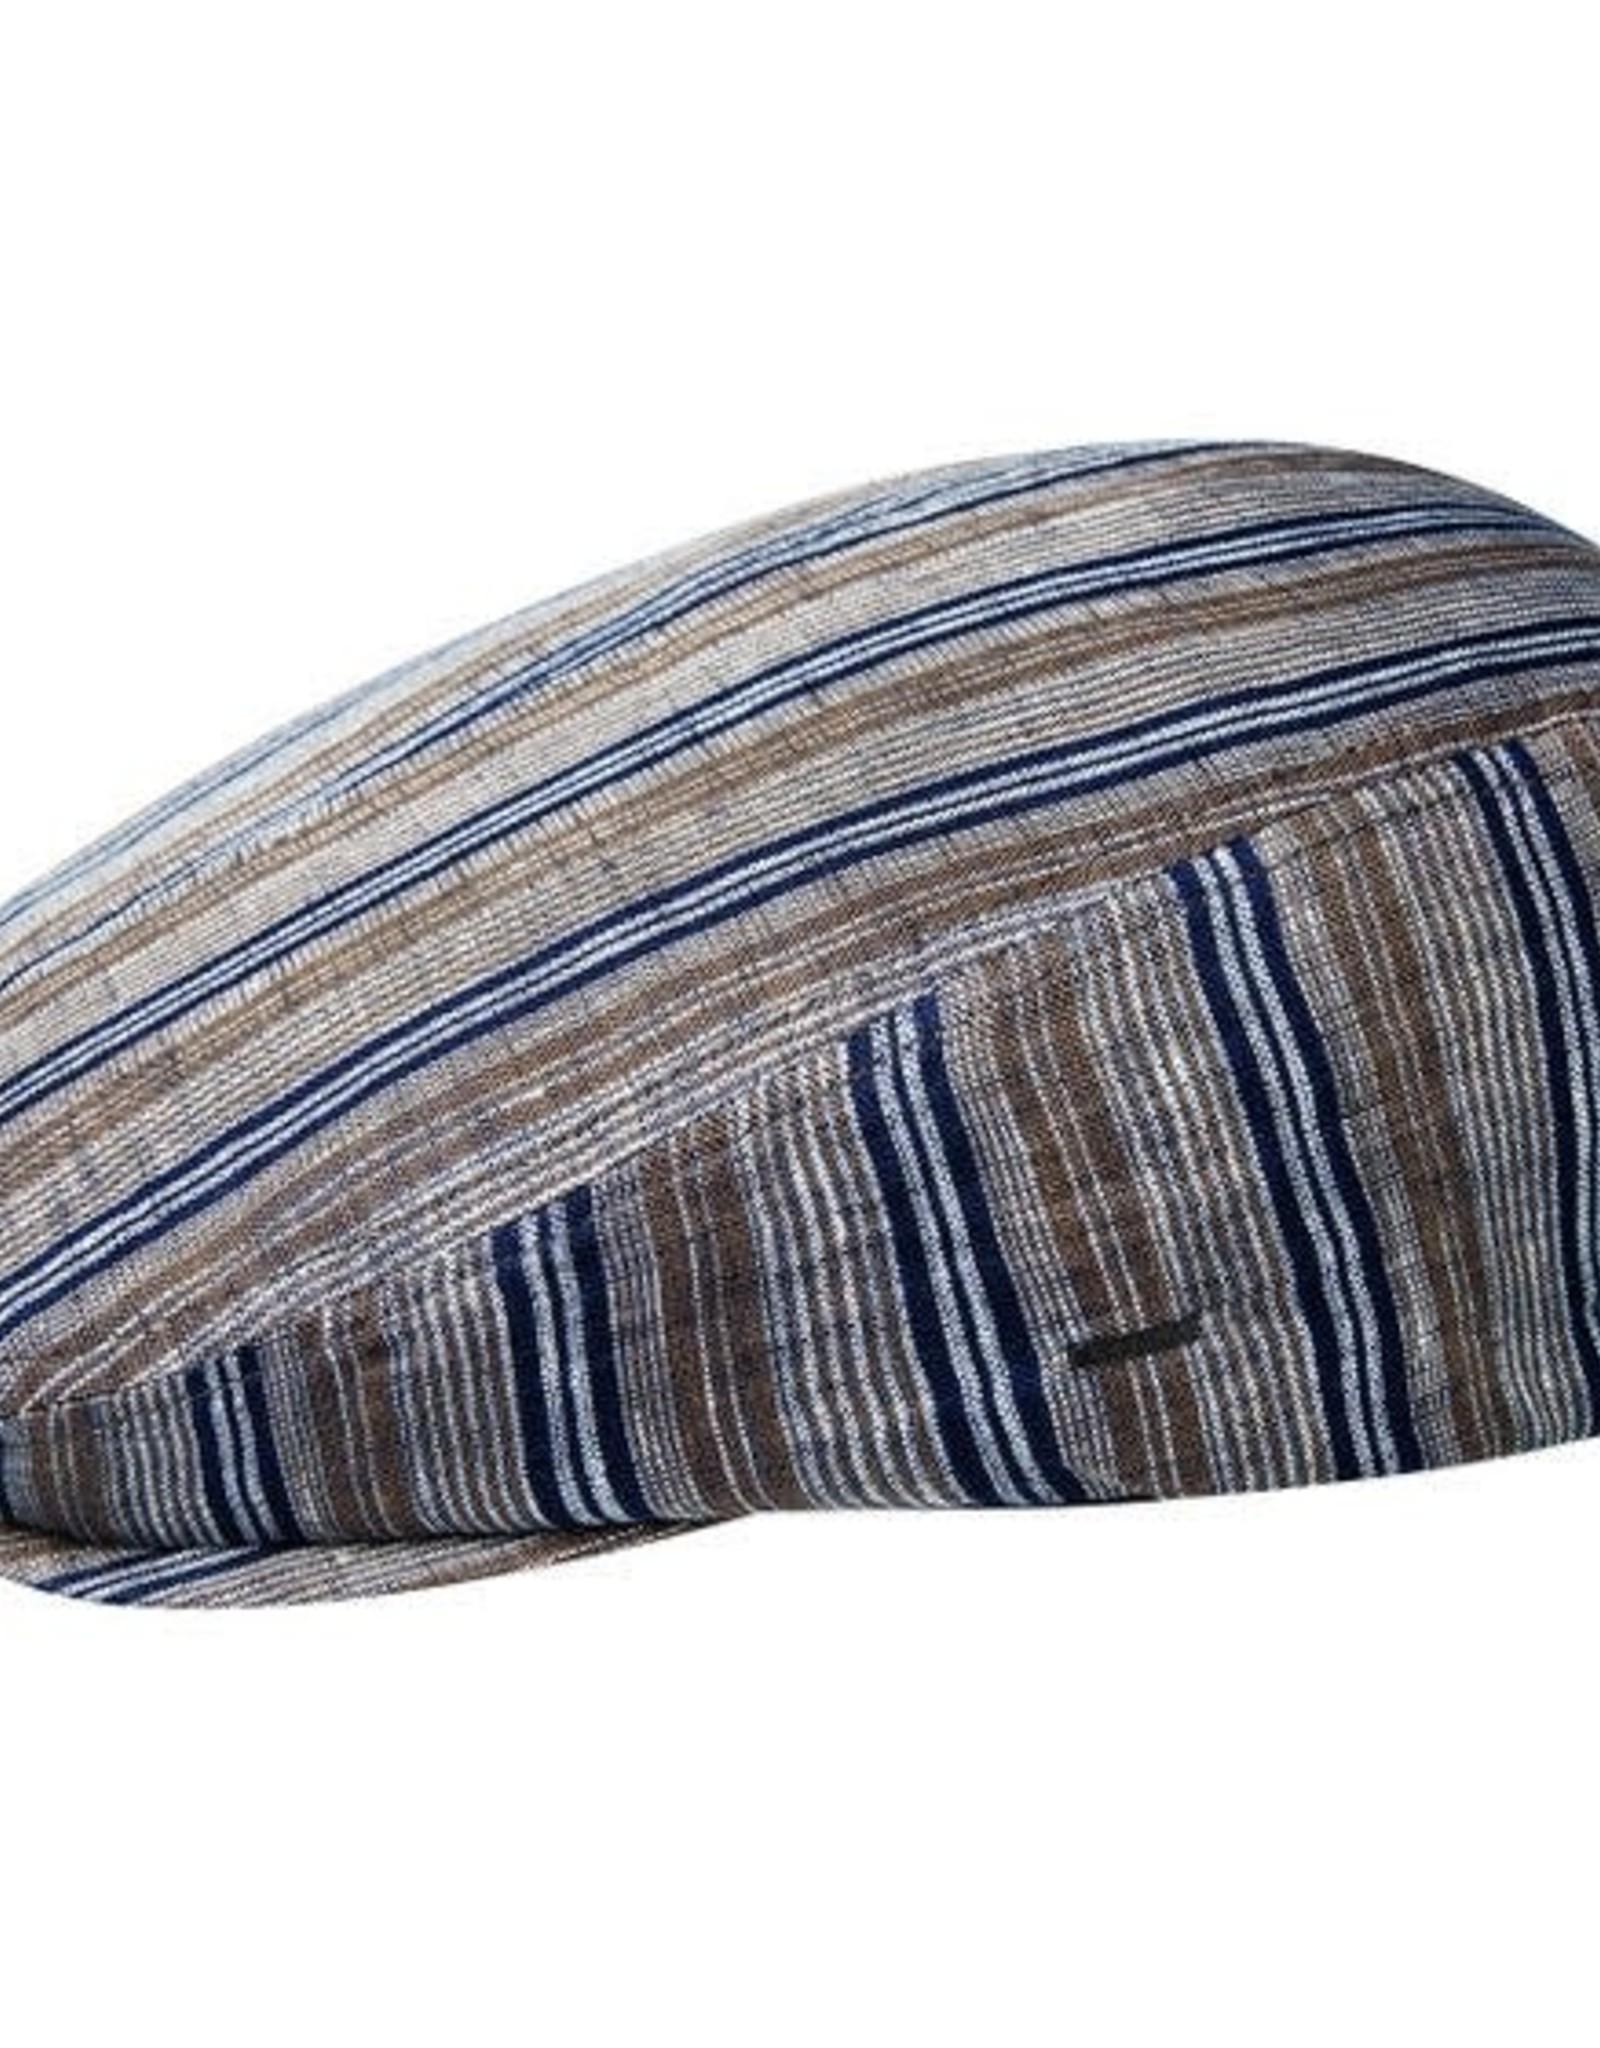 Bailey Hat Co. HAT-IVY CAP-FLEET, BROWN